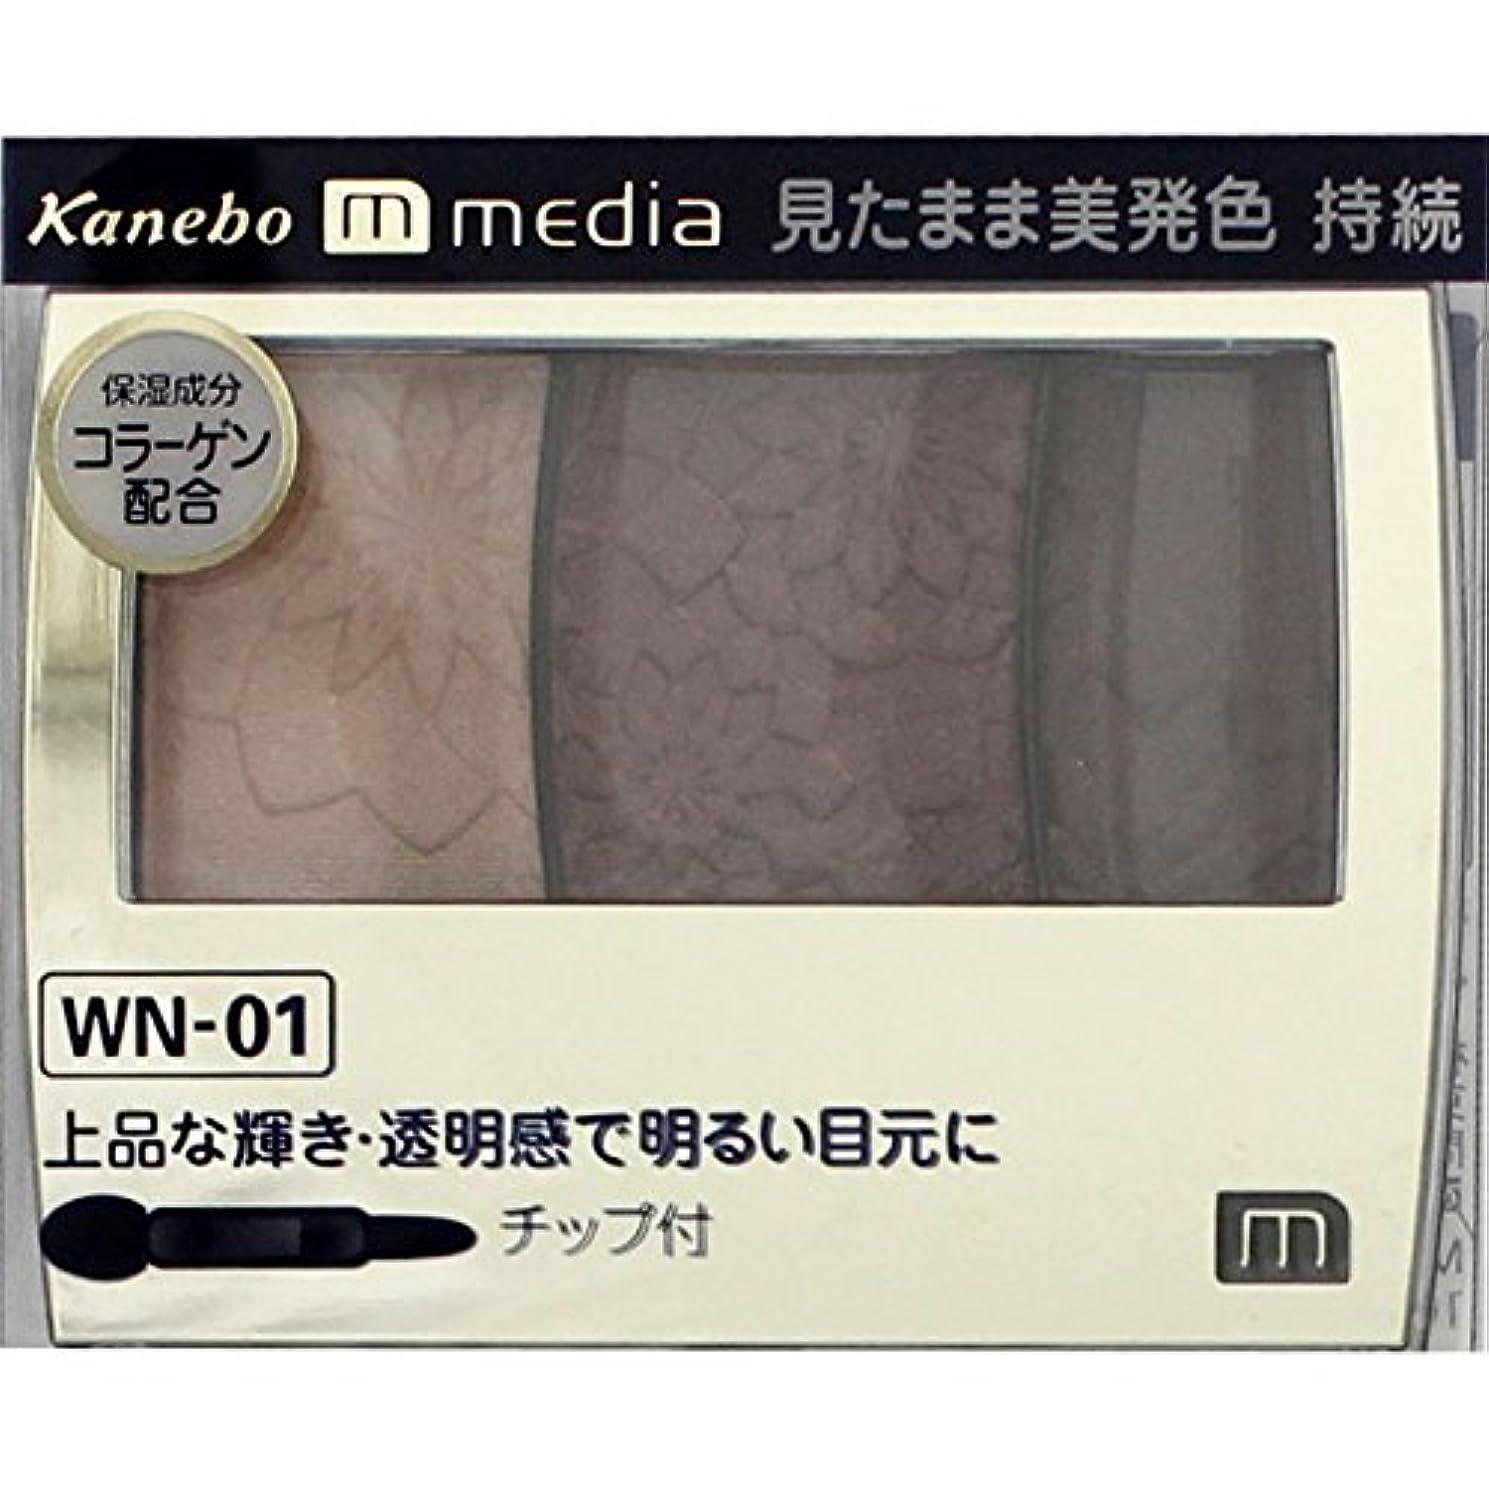 フラッププラスチックの慈悲で【カネボウ】 メディア グラデカラーアイシャドウ WN-01